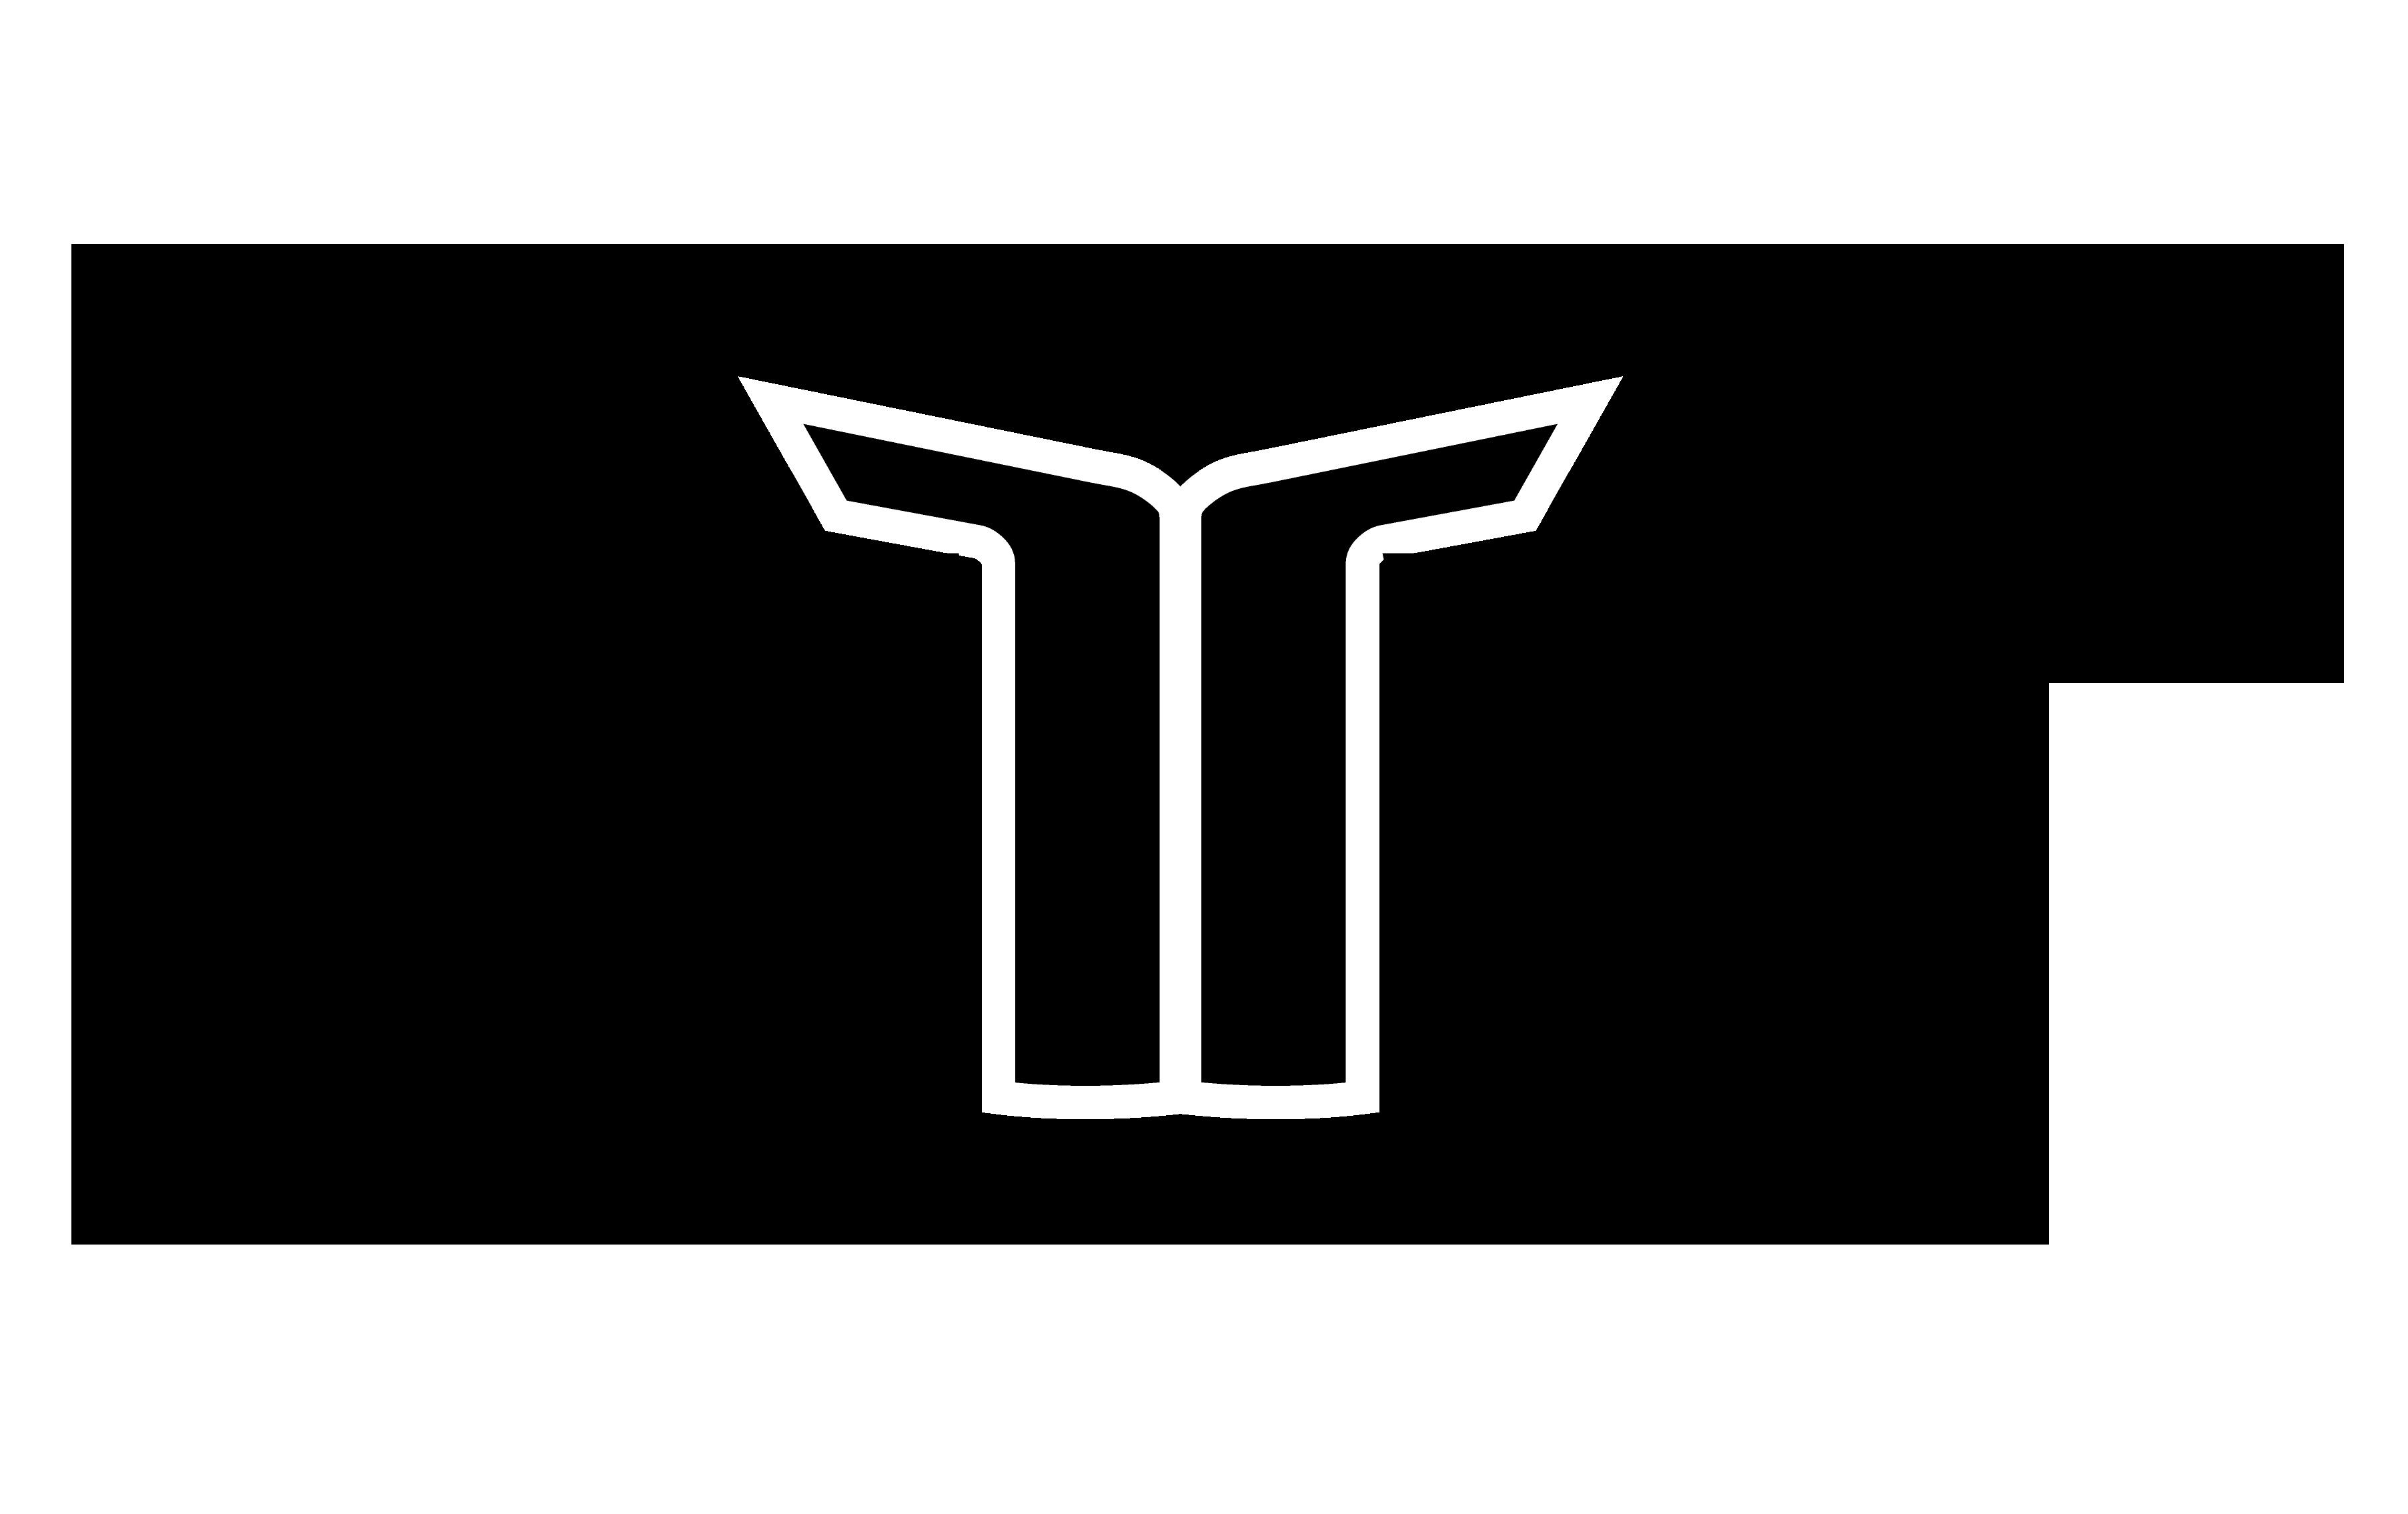 STTR-logo-2019-blackonwhite-1000pixel